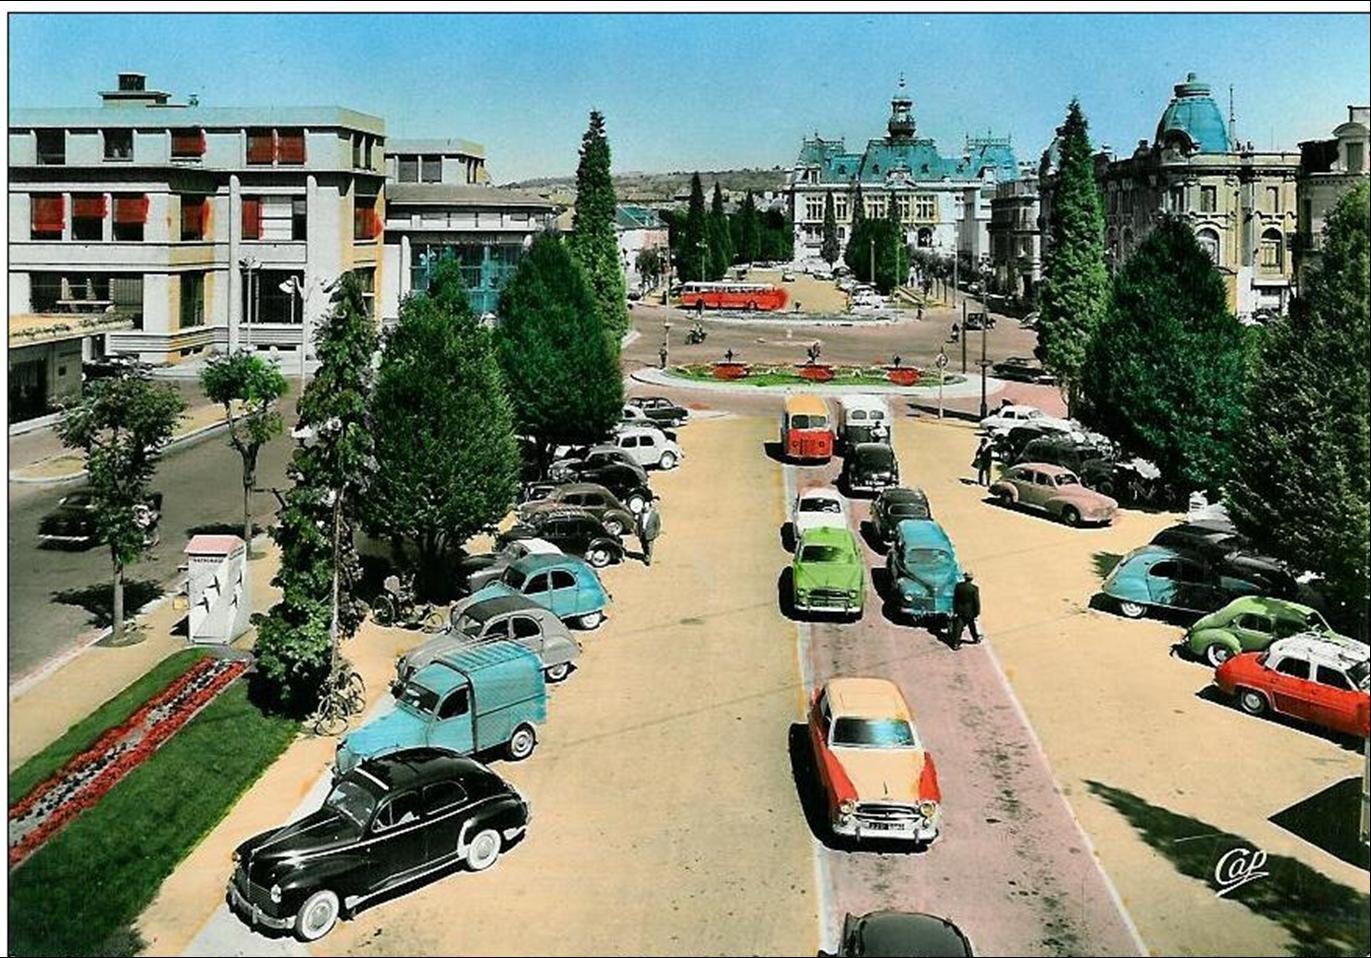 Les automobiles à Vichy